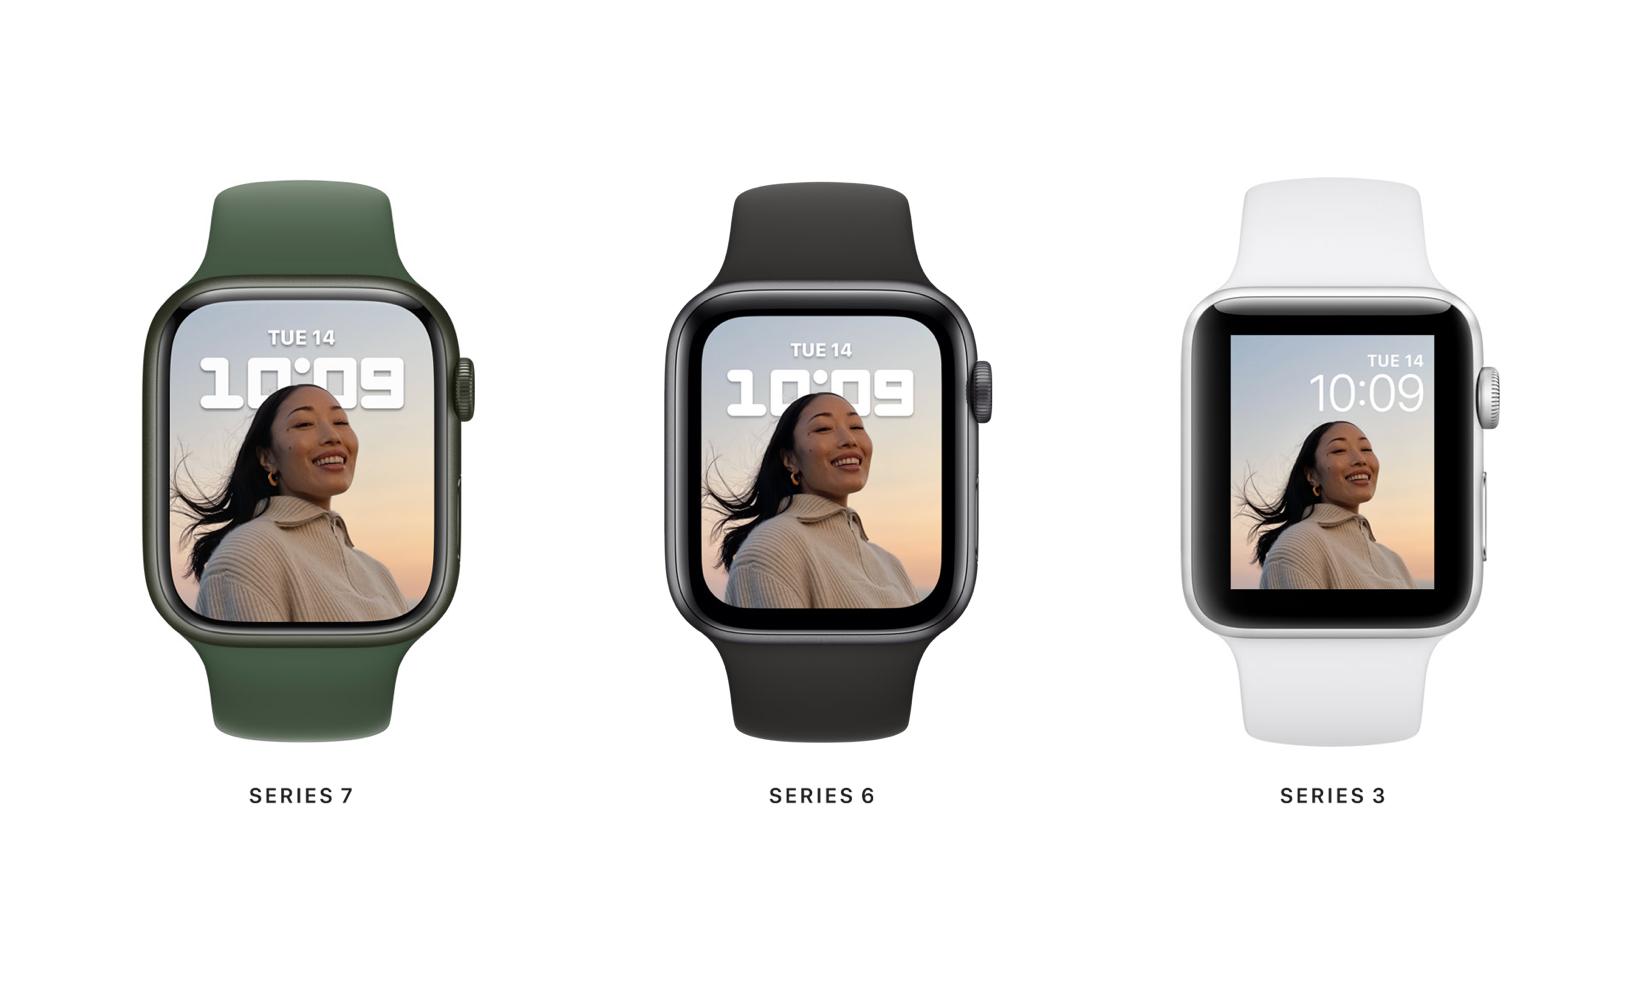 apple-watch-7-vs-apple-watch-6-5-4-wrap-up